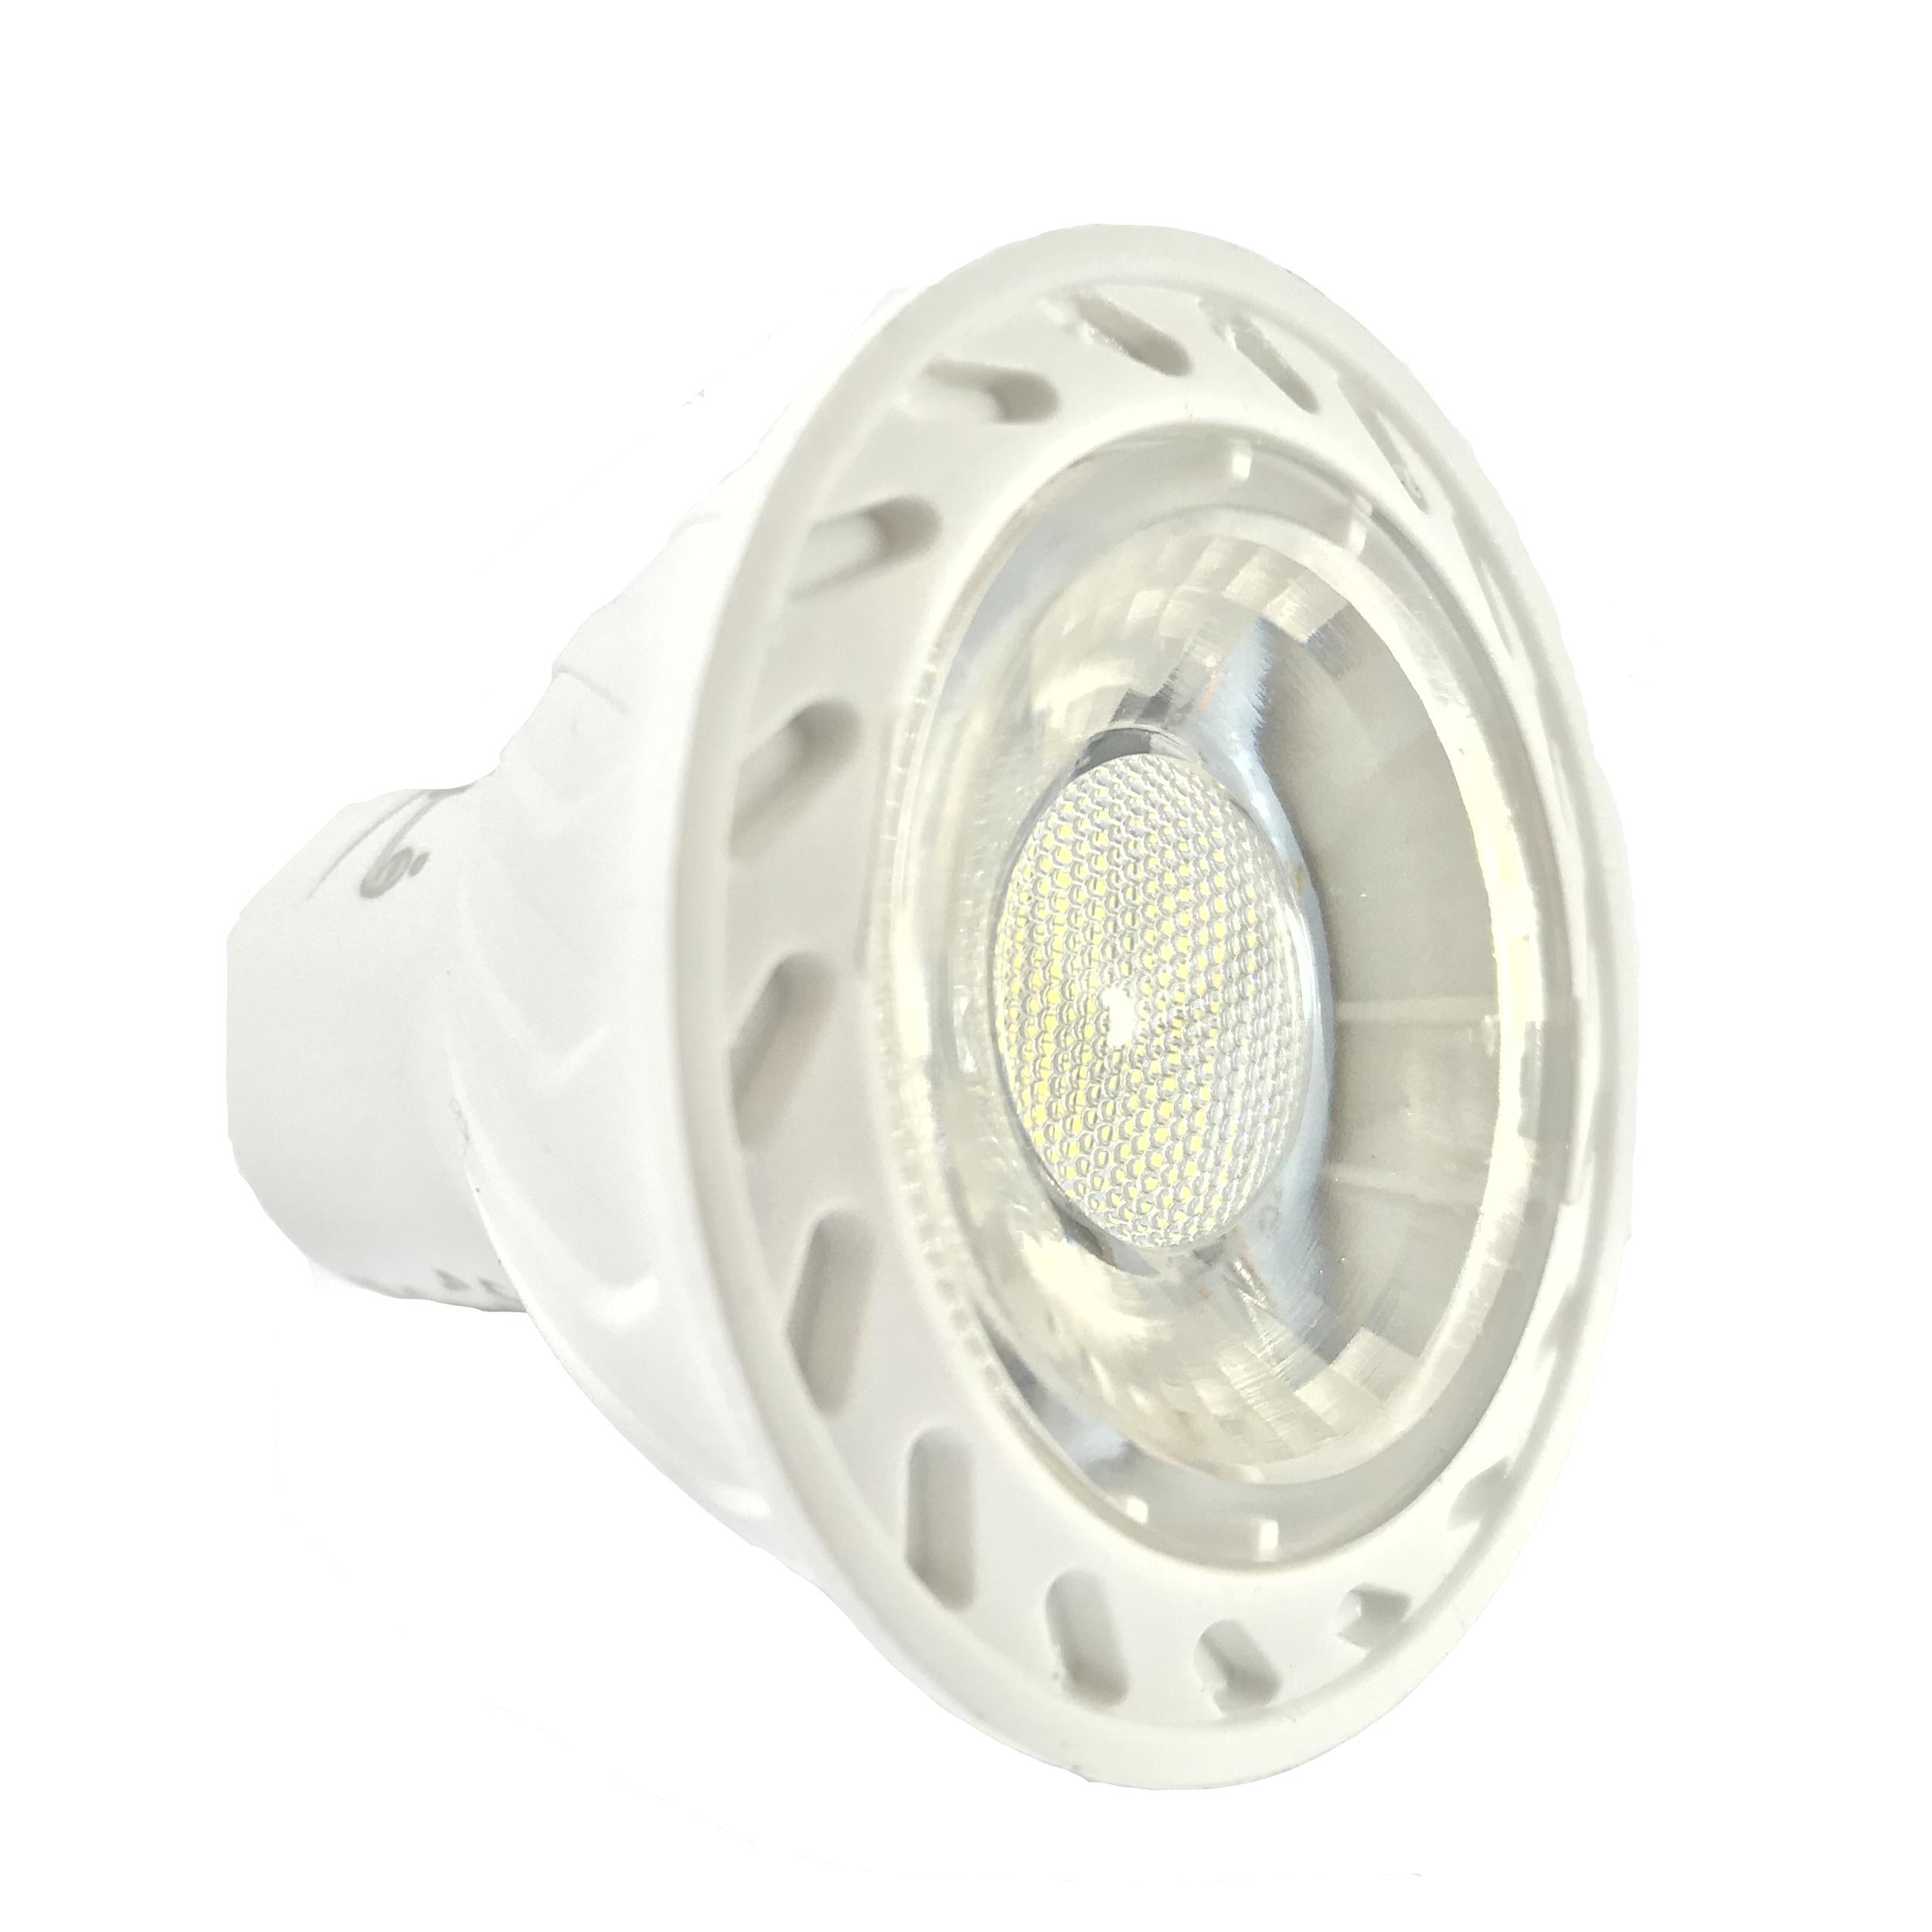 لامپ هالوژن 7 وات مدل TN 002 پایه GU5.3 بسته 200 عددی